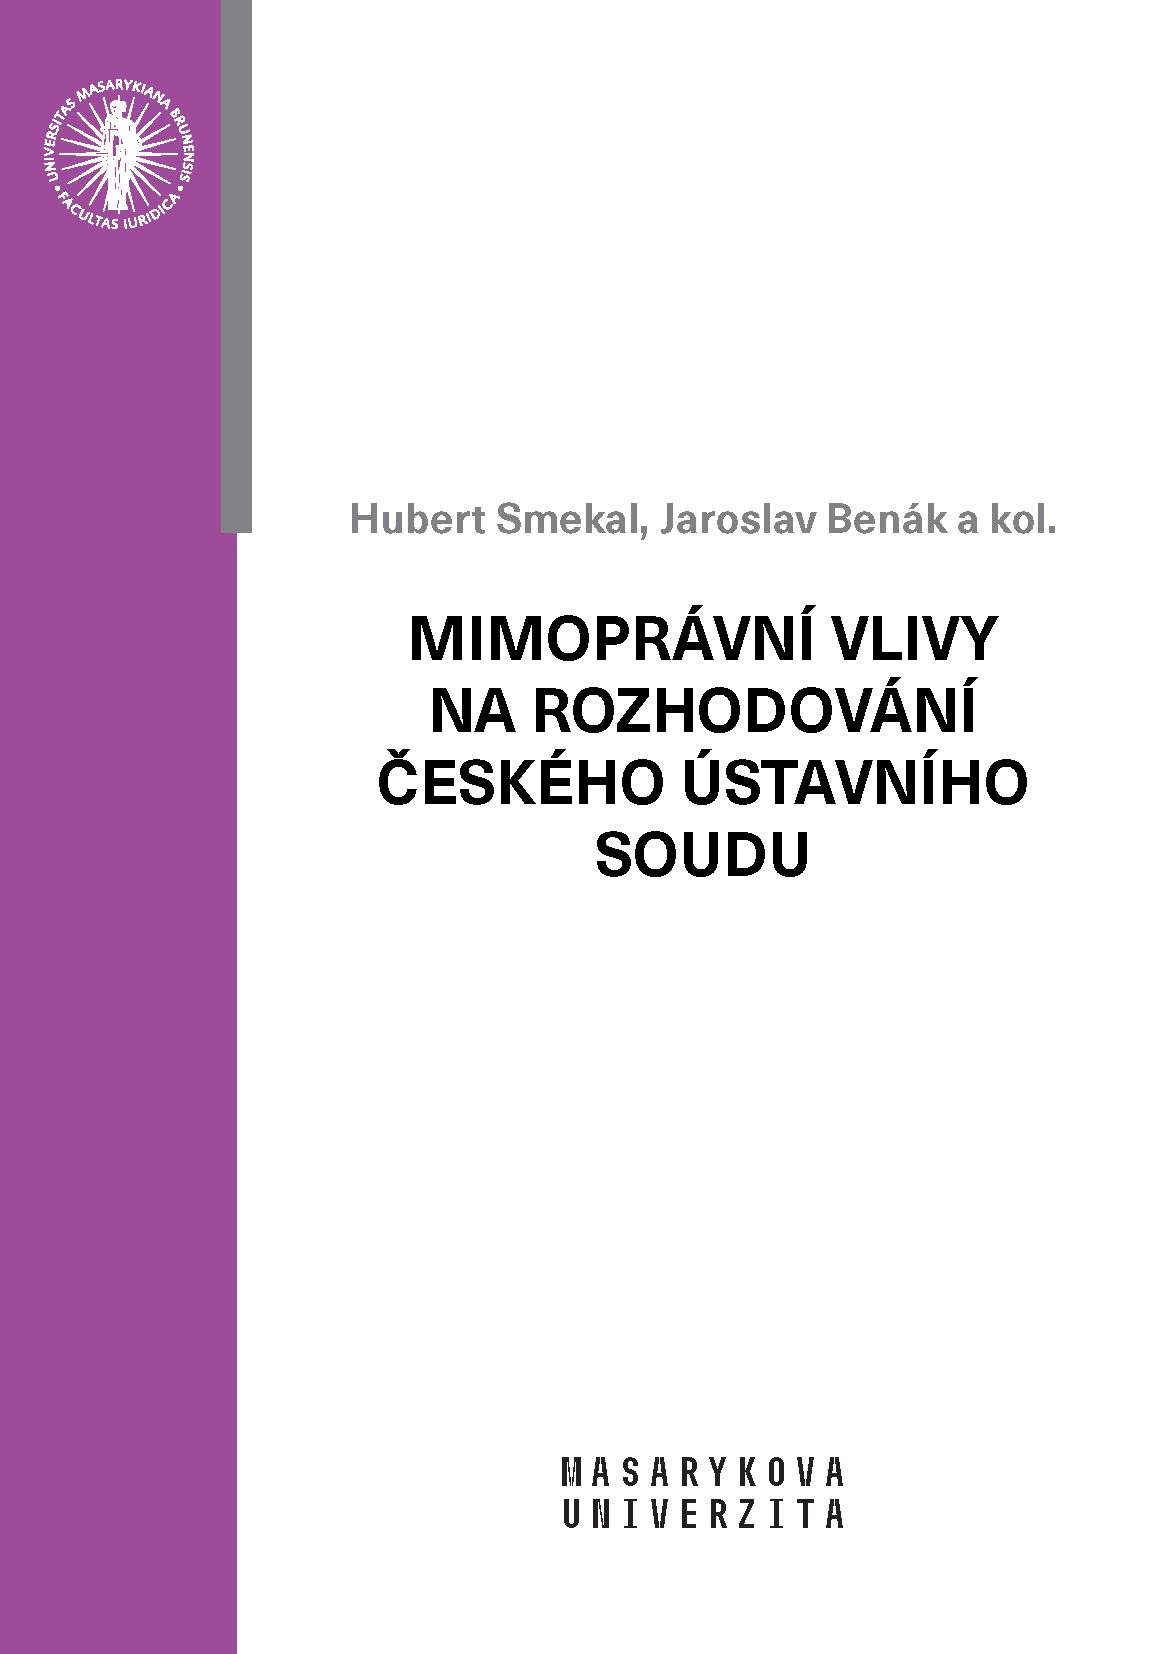 Obálka pro Mimoprávní vlivy na rozhodování českého Ústavního soudu